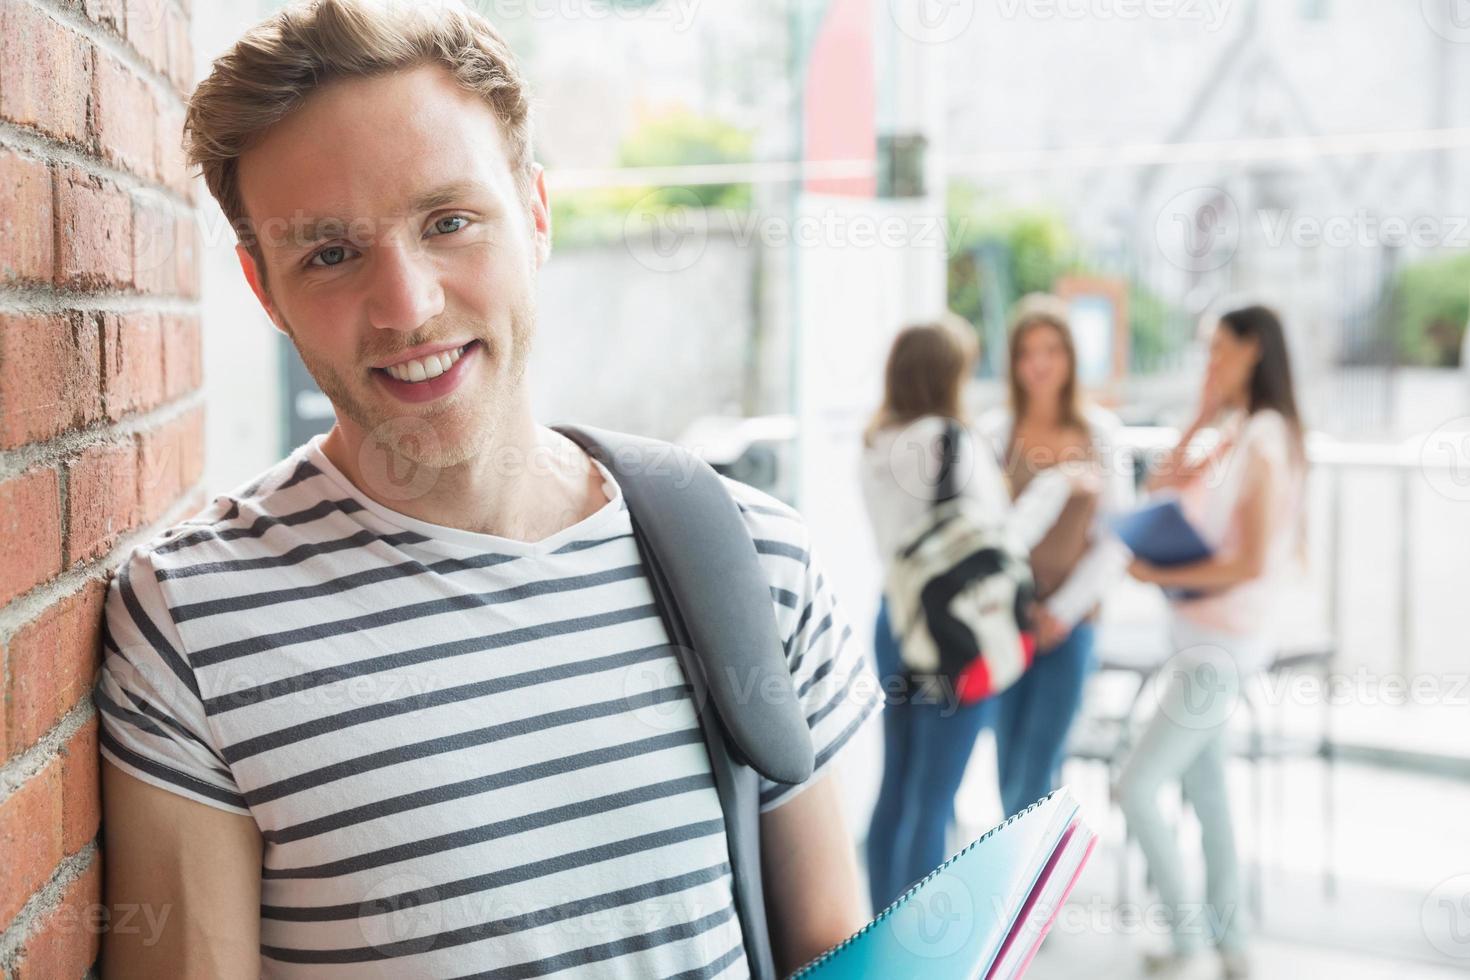 beau étudiant souriant et tenant des blocs-notes photo